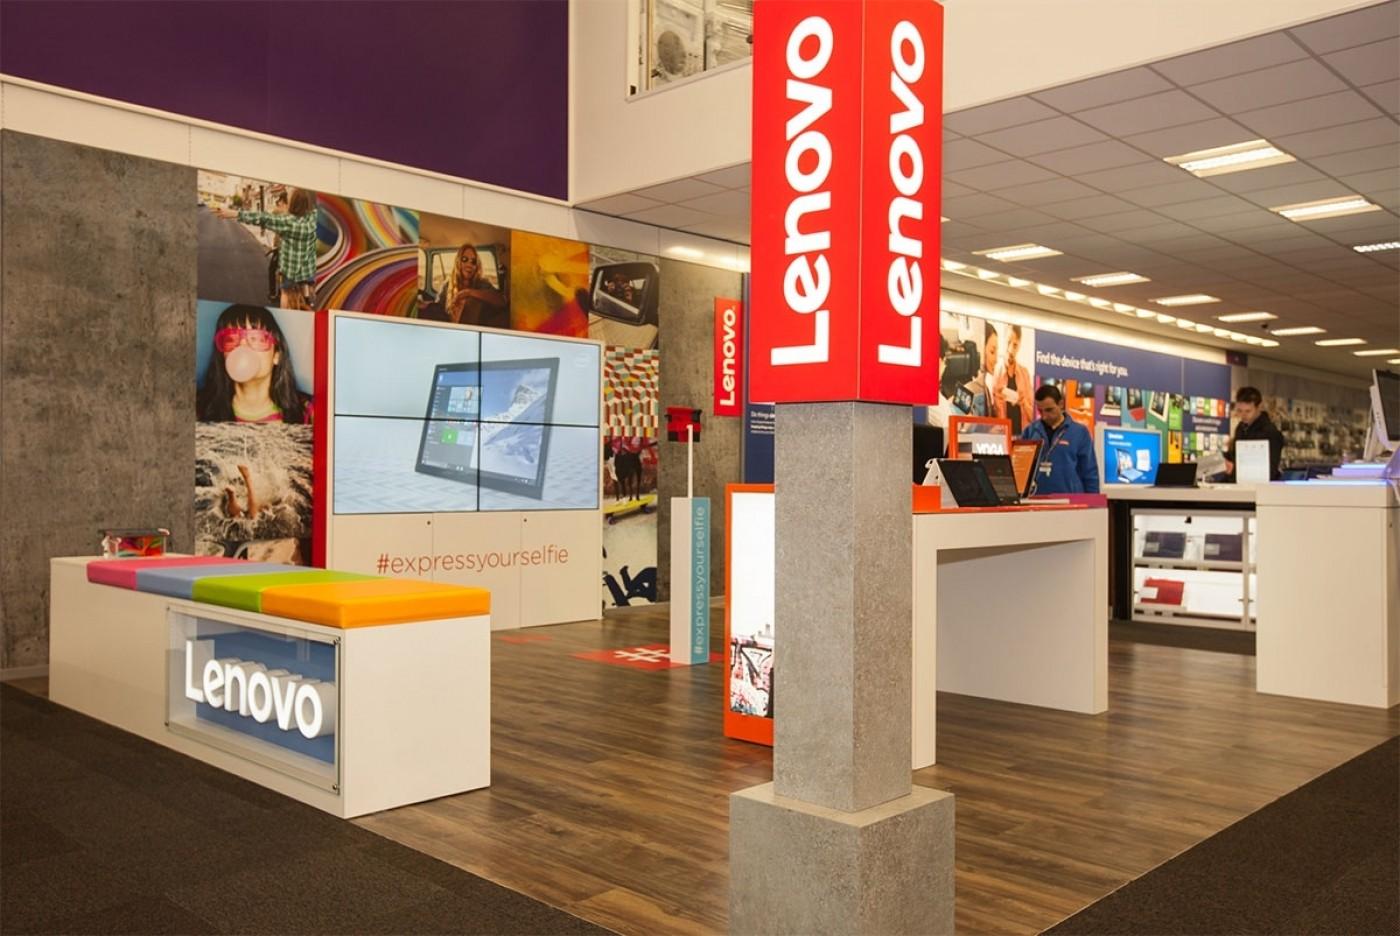 Lenovo at PC World and ScreenCloud